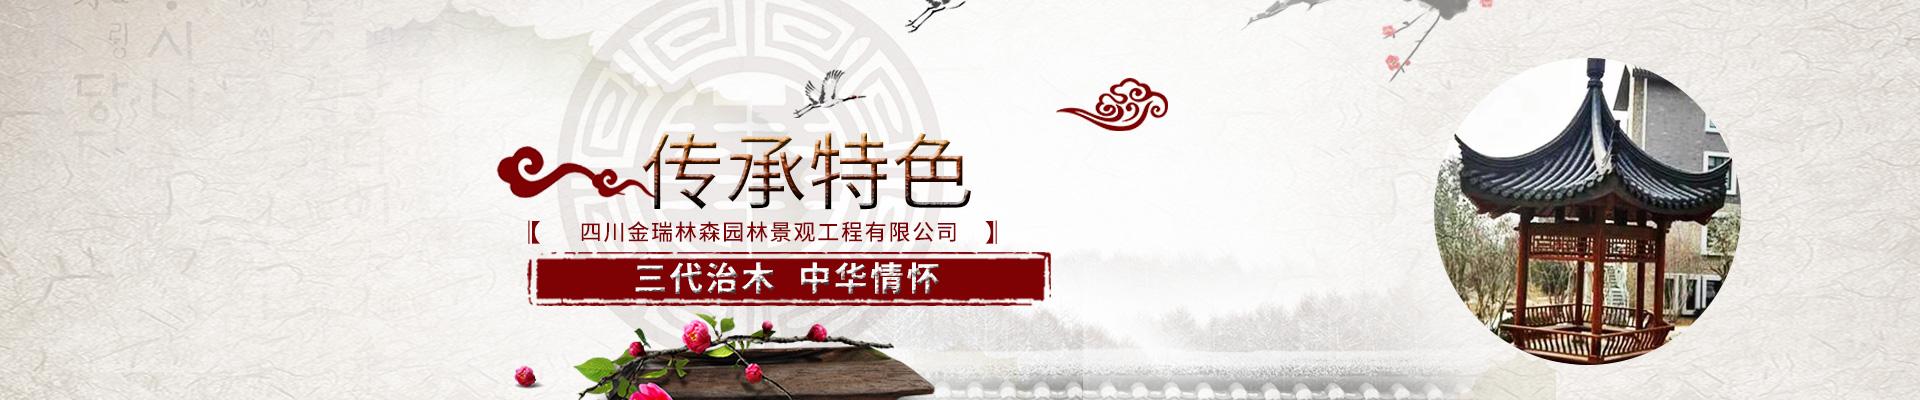 四川金瑞林森园林景观工程有限公司